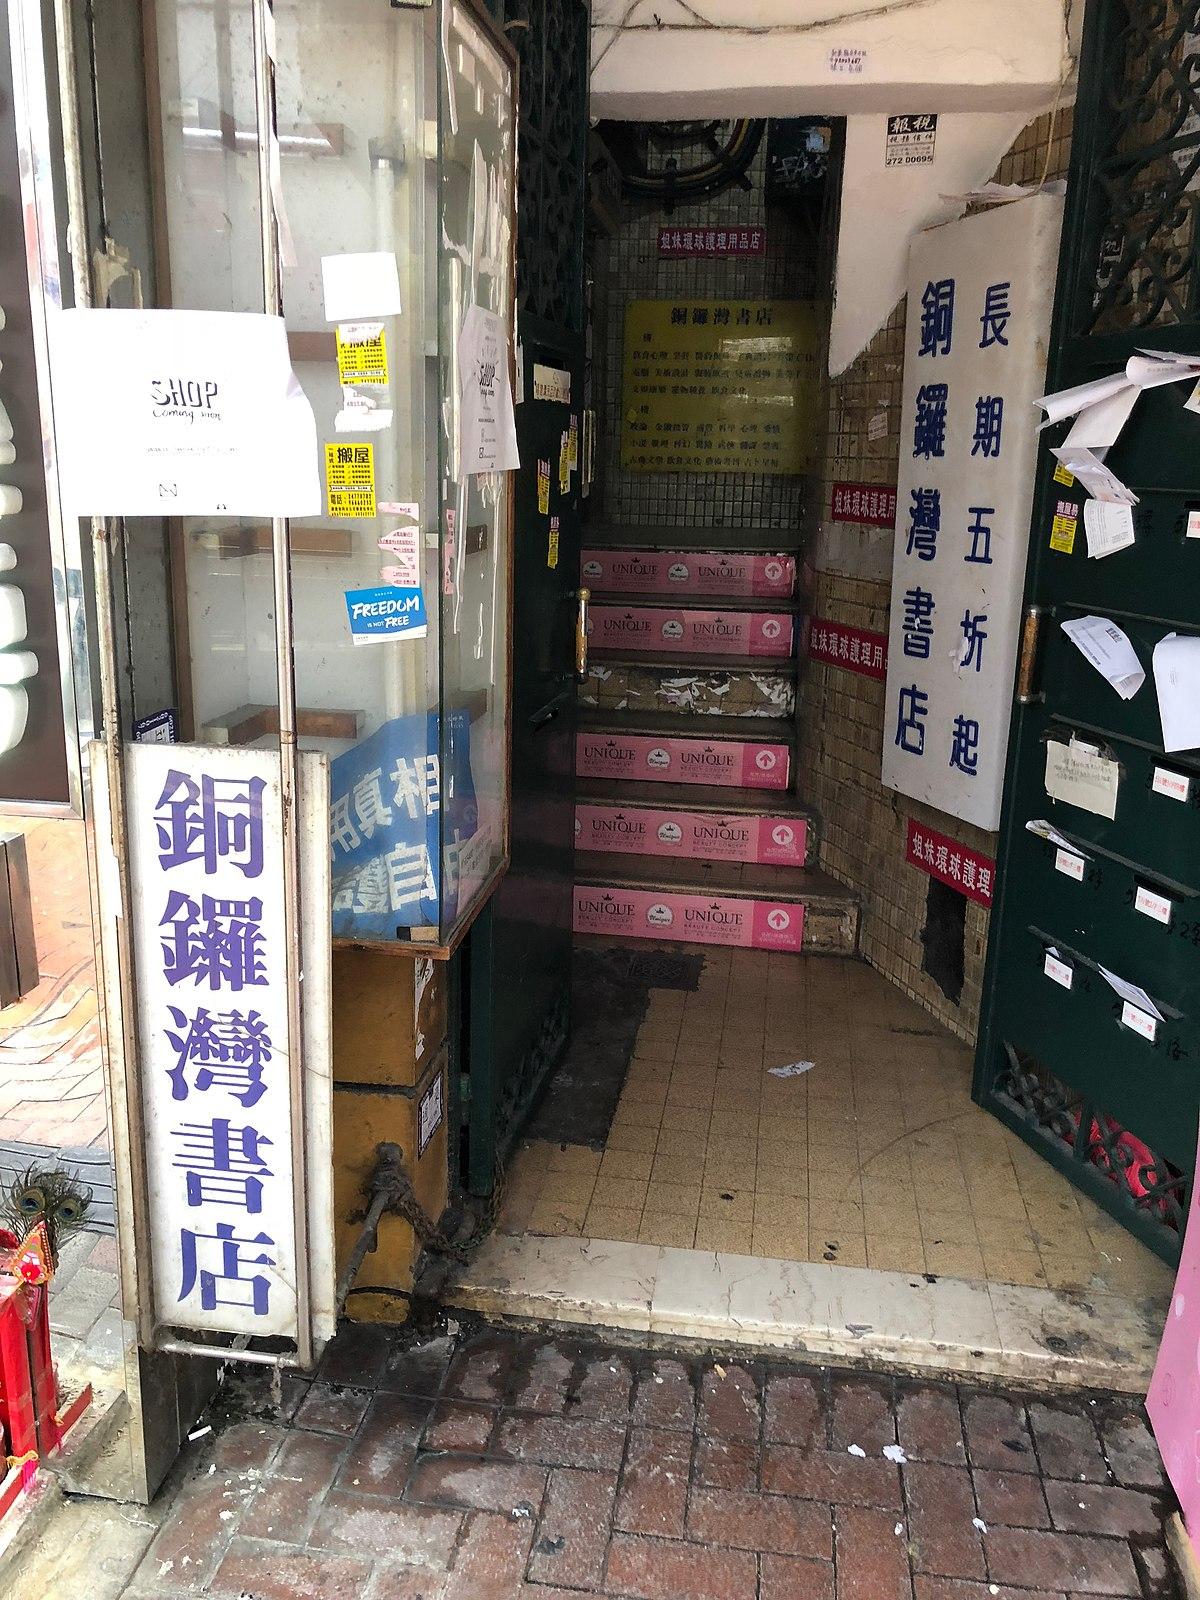 銅鑼灣書店 - Wikipedia